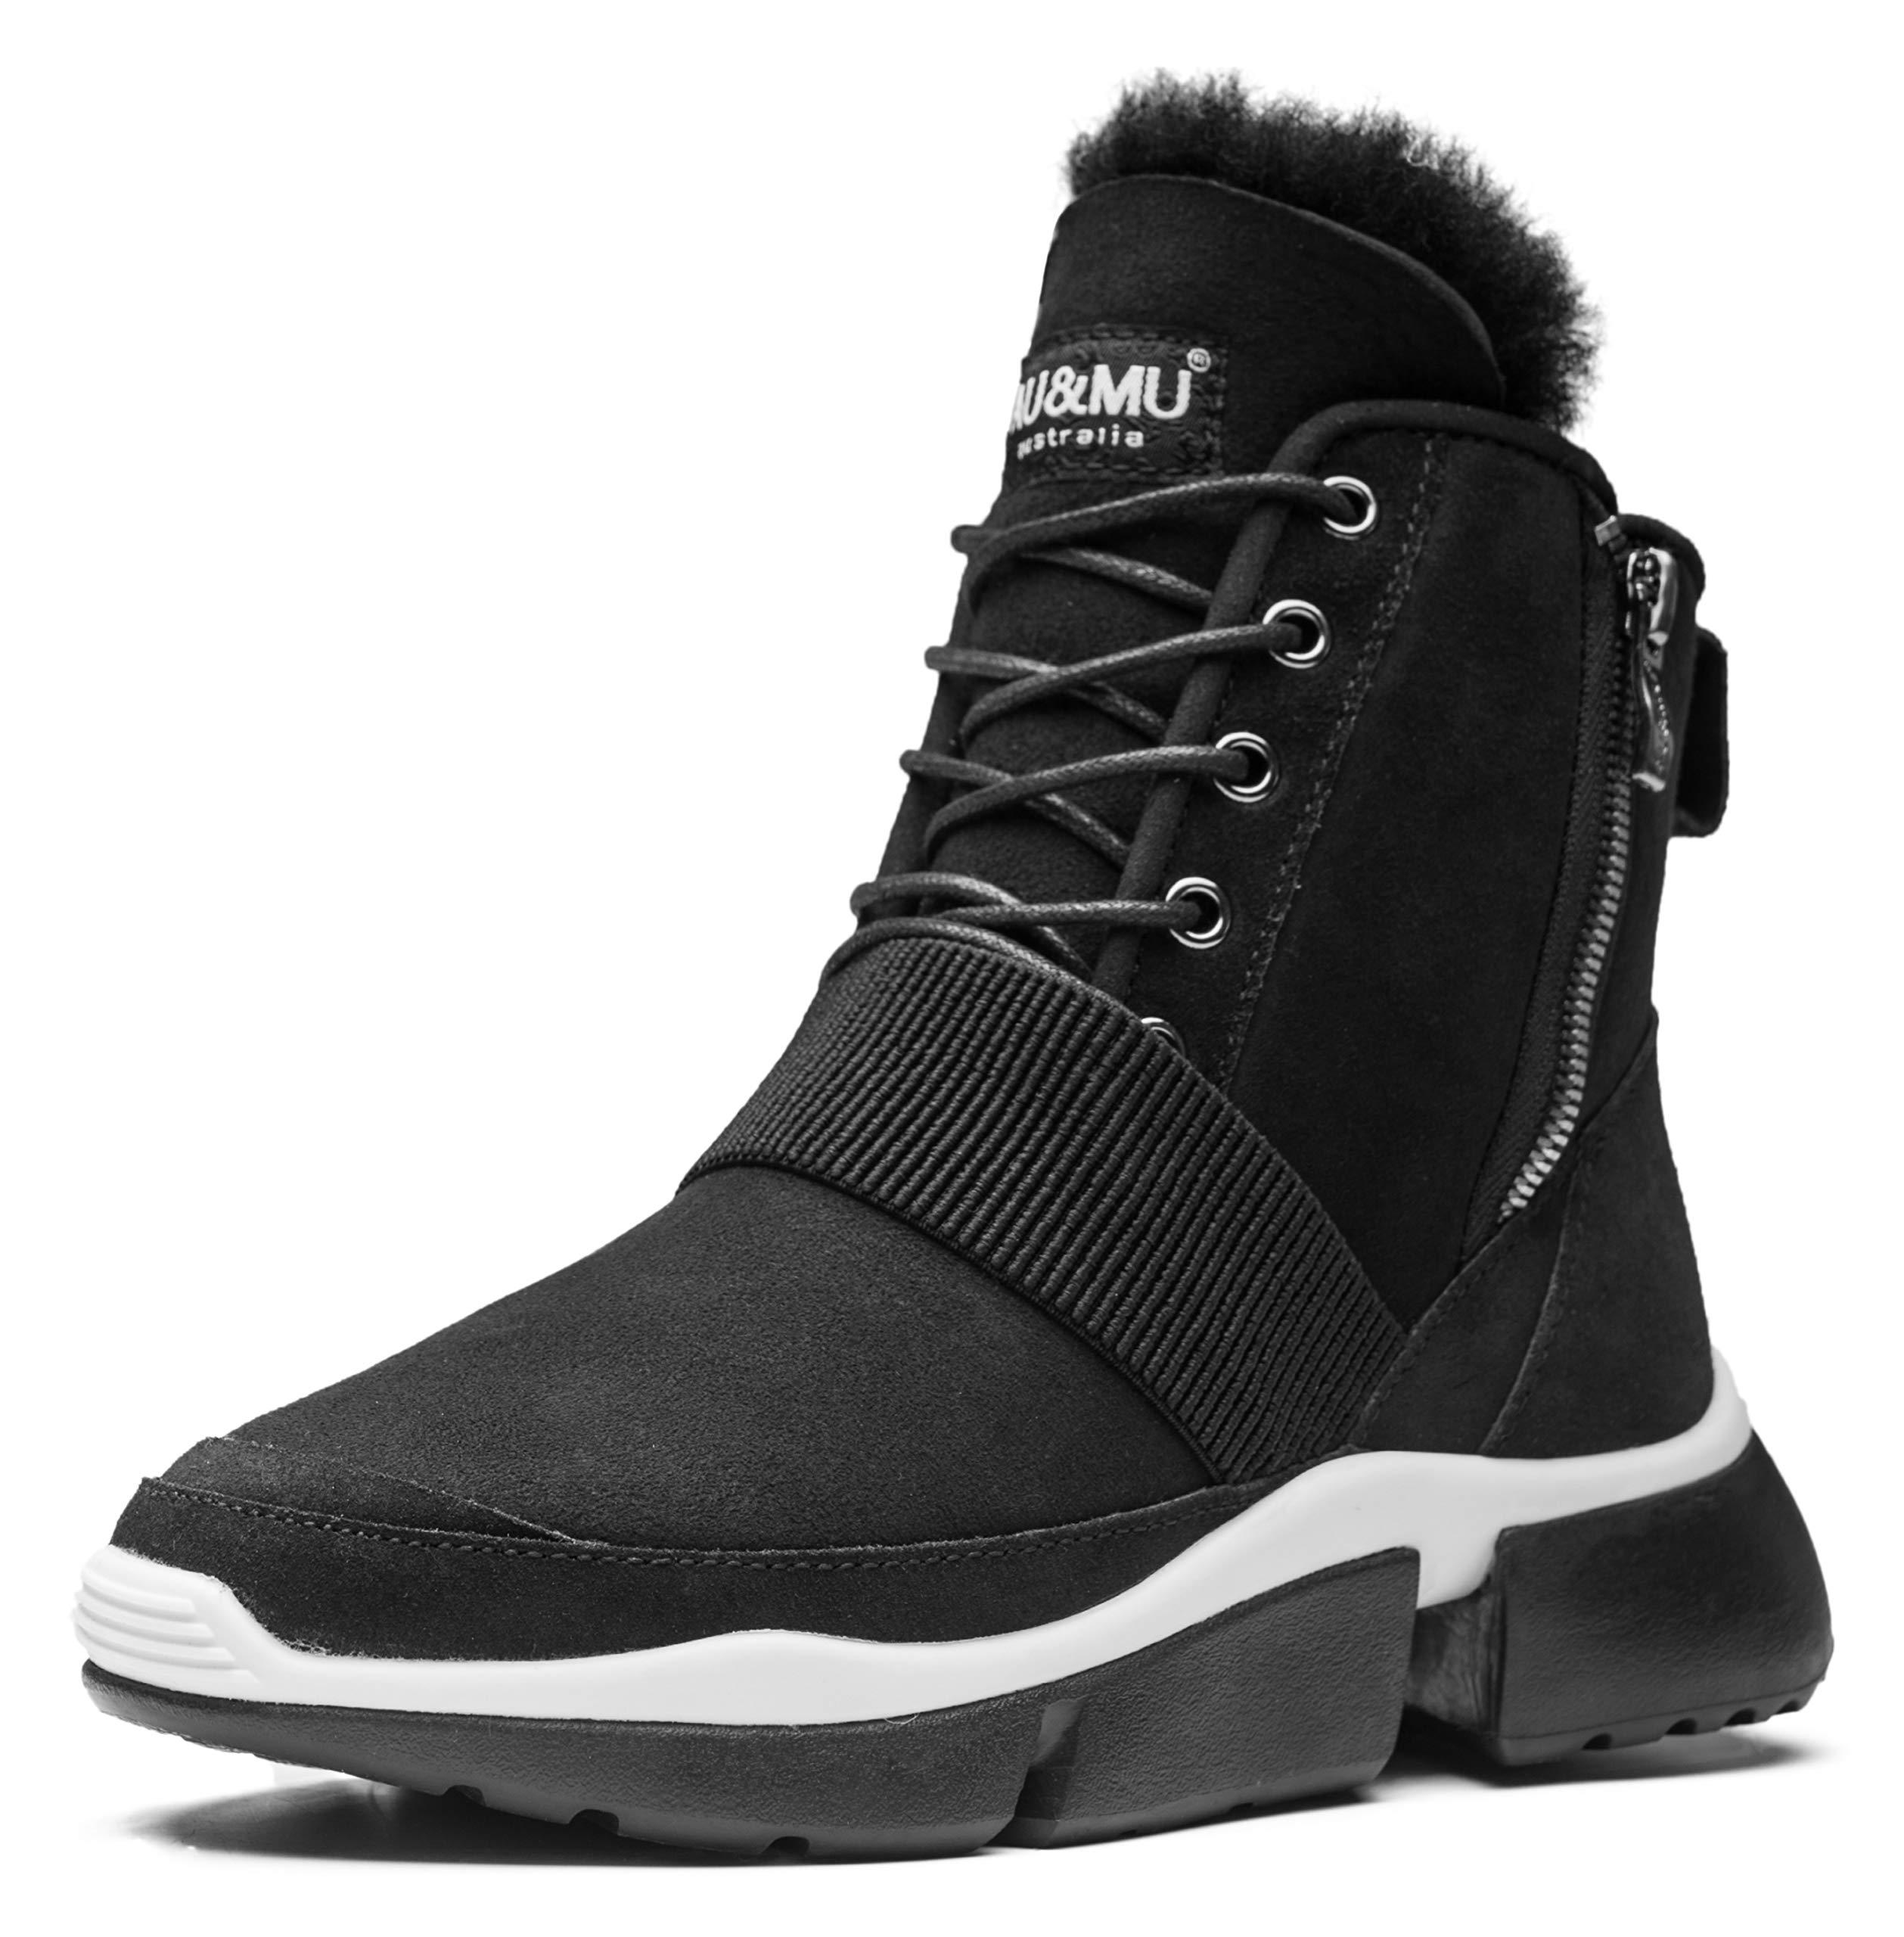 Aumu Elastic Band Suede Elevator Hiden Heel Lace Up Winter Snow Boots